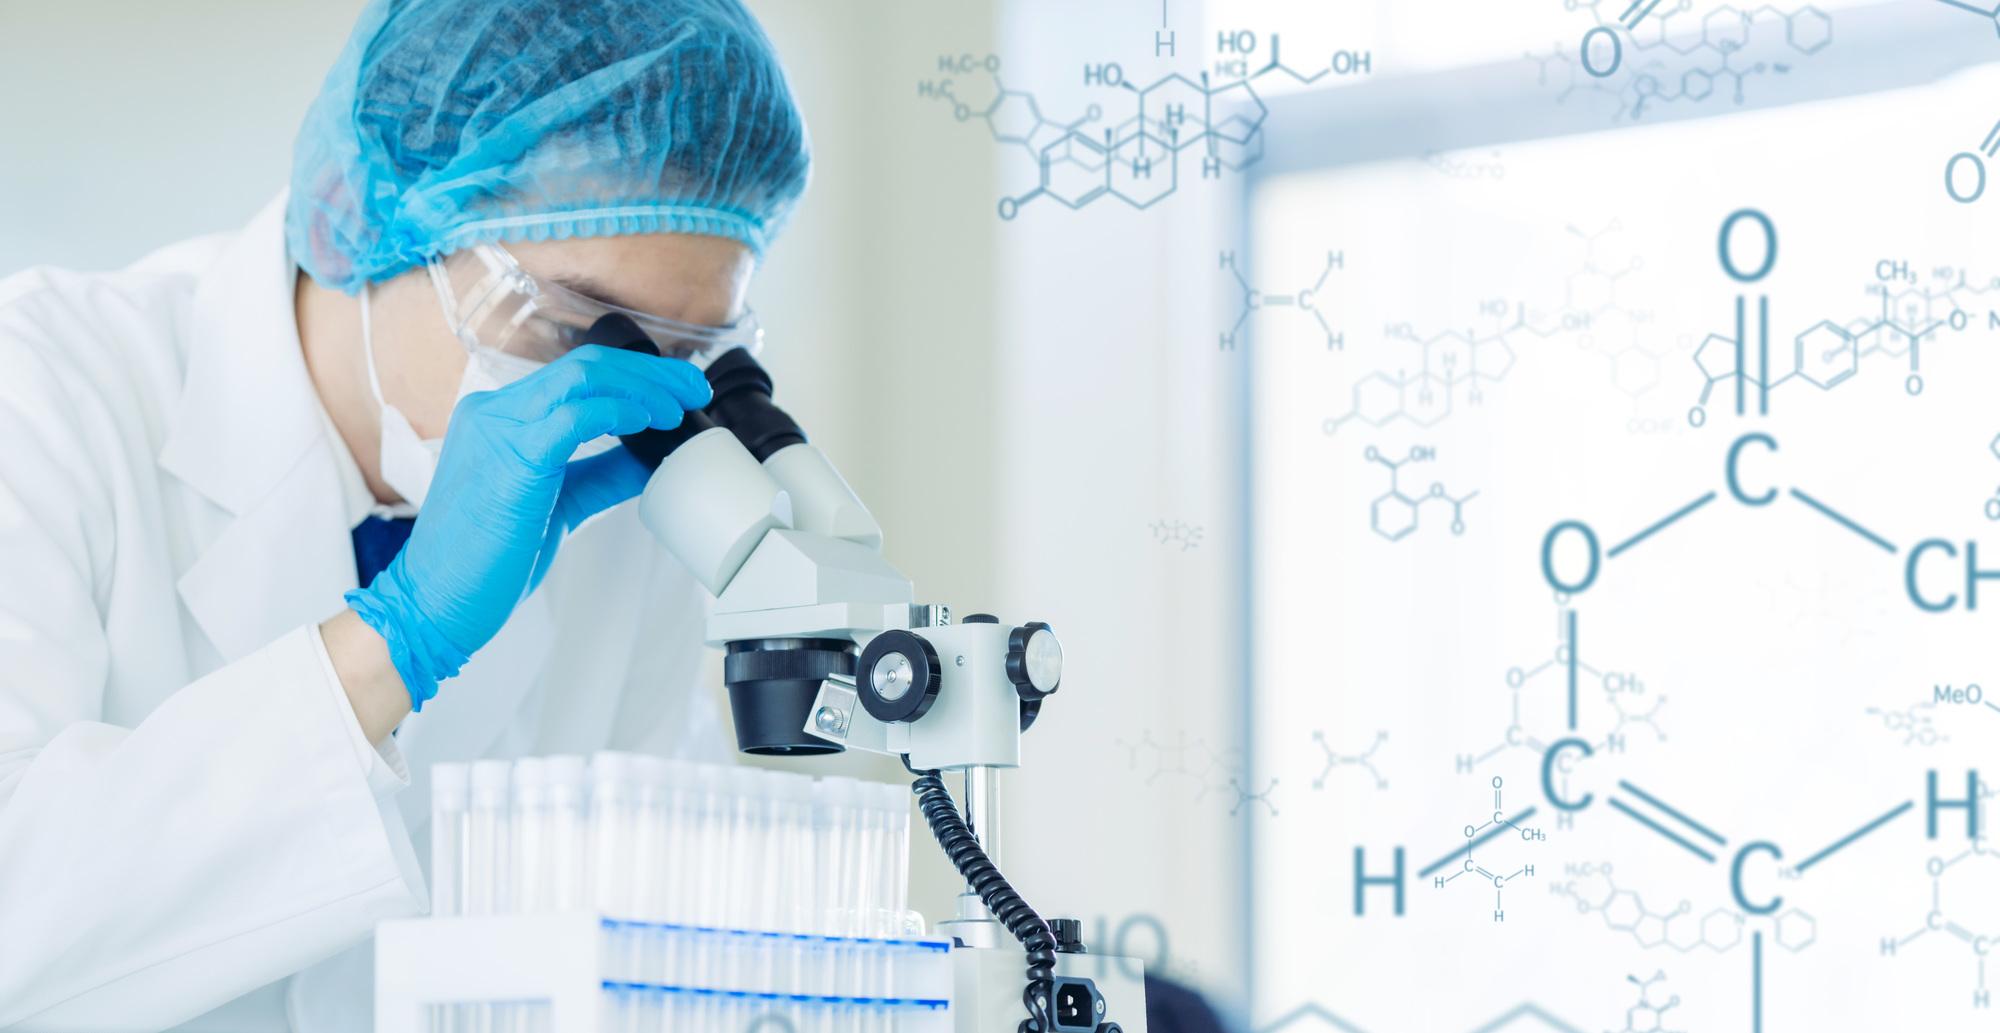 これで安心!『医薬品製造業』が倉庫管理システム(WMS)導入を成功させるポイント